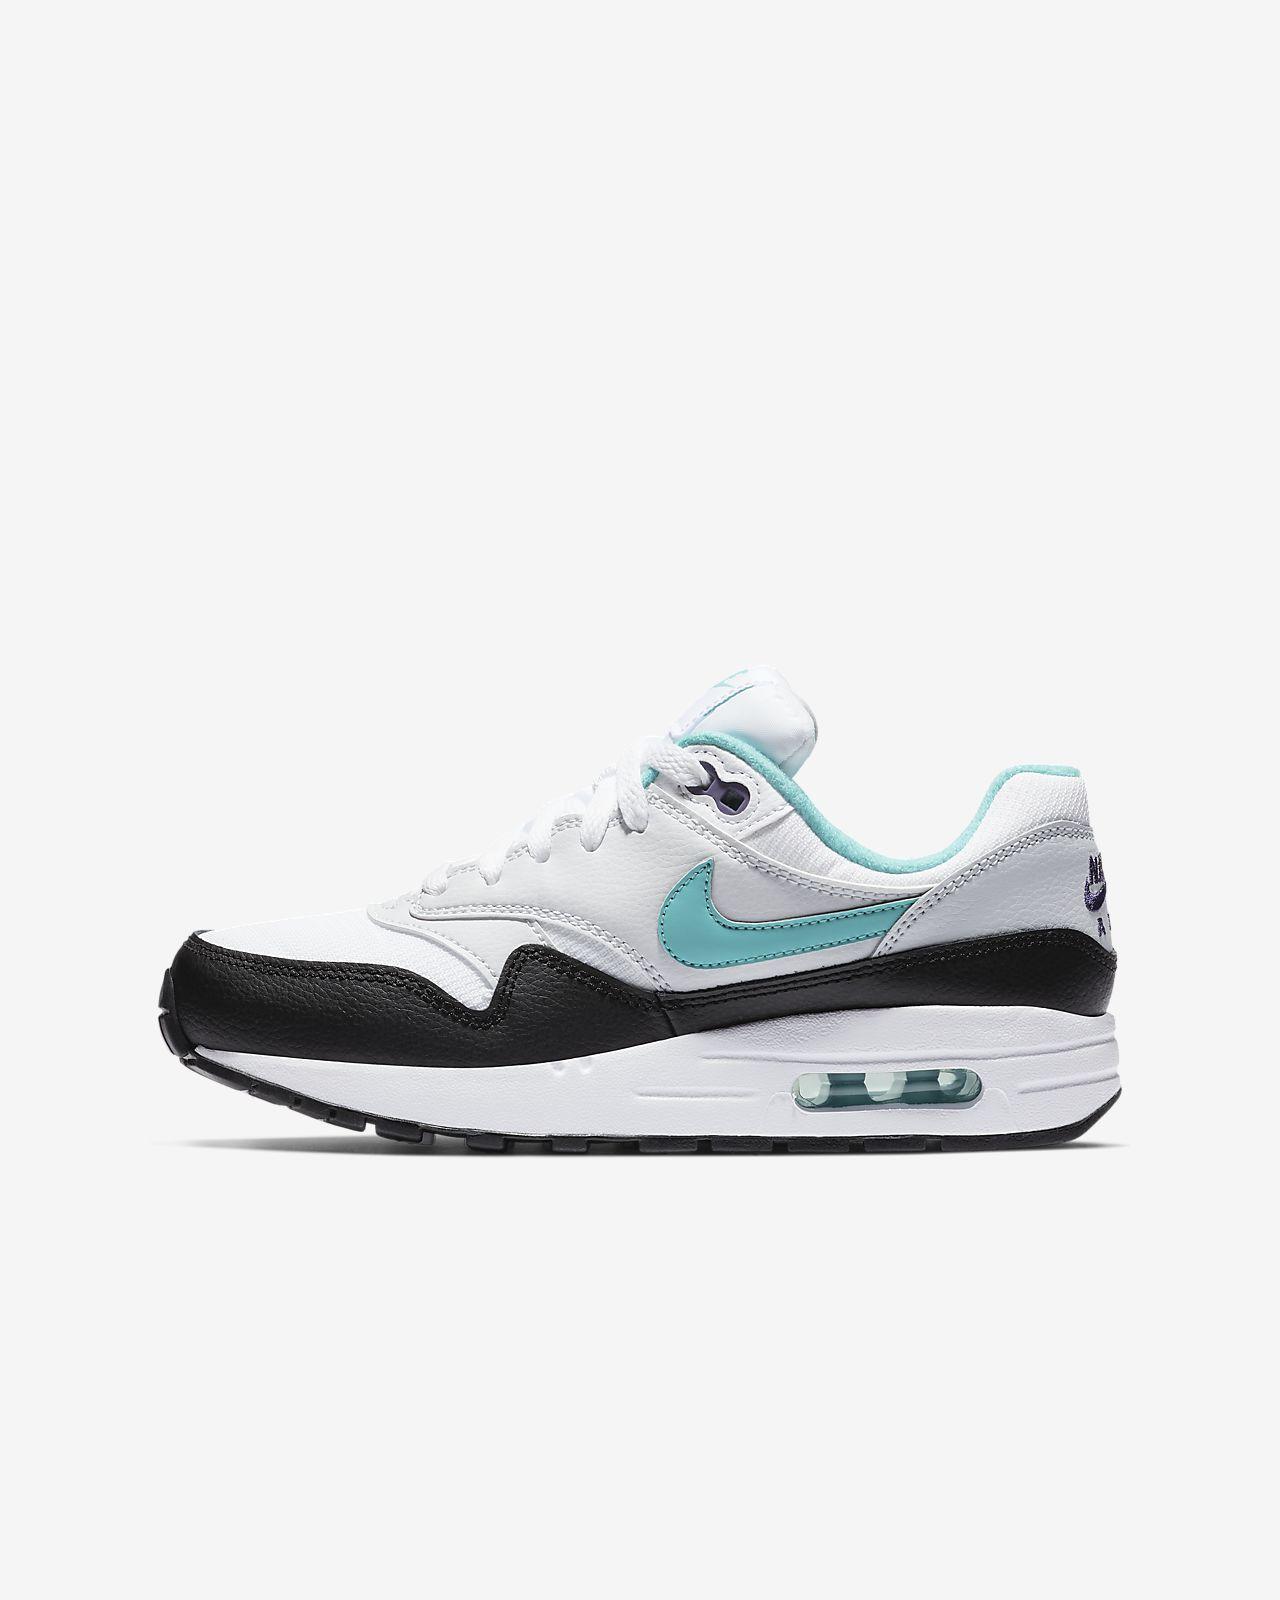 promo code 11e1b e9aa8 Nike Air Max 1 Big Kids  Shoe